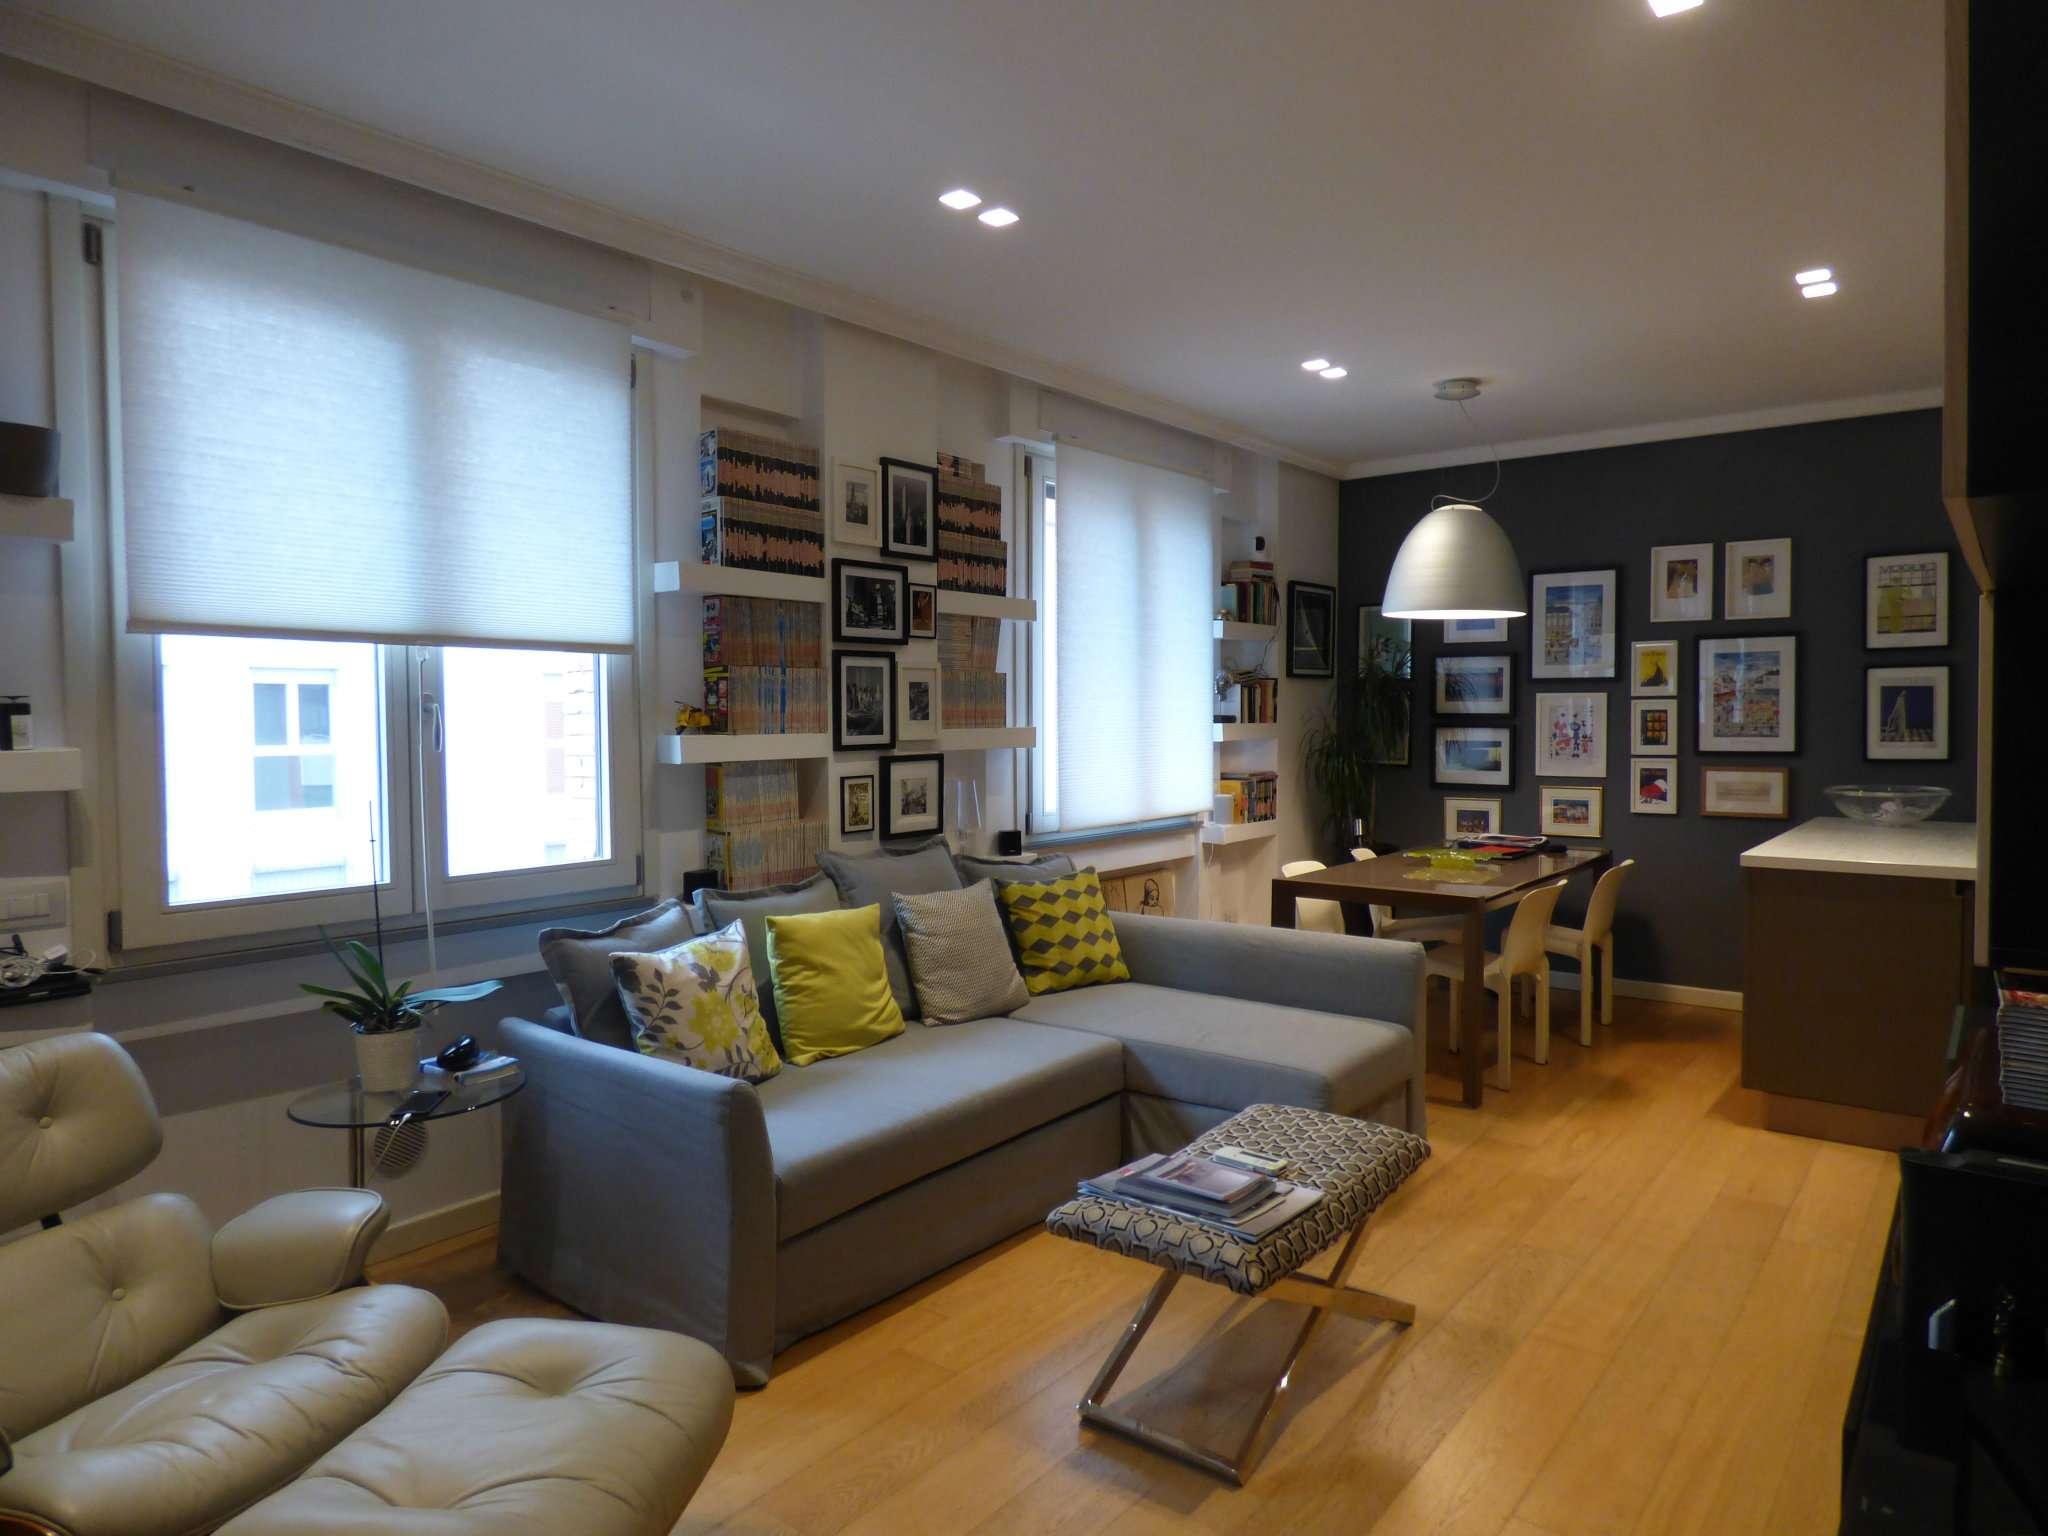 Appartamento in Affitto a Milano 29 Certosa / Bovisa / Dergano / Maciachini / Istria / Testi: 3 locali, 125 mq